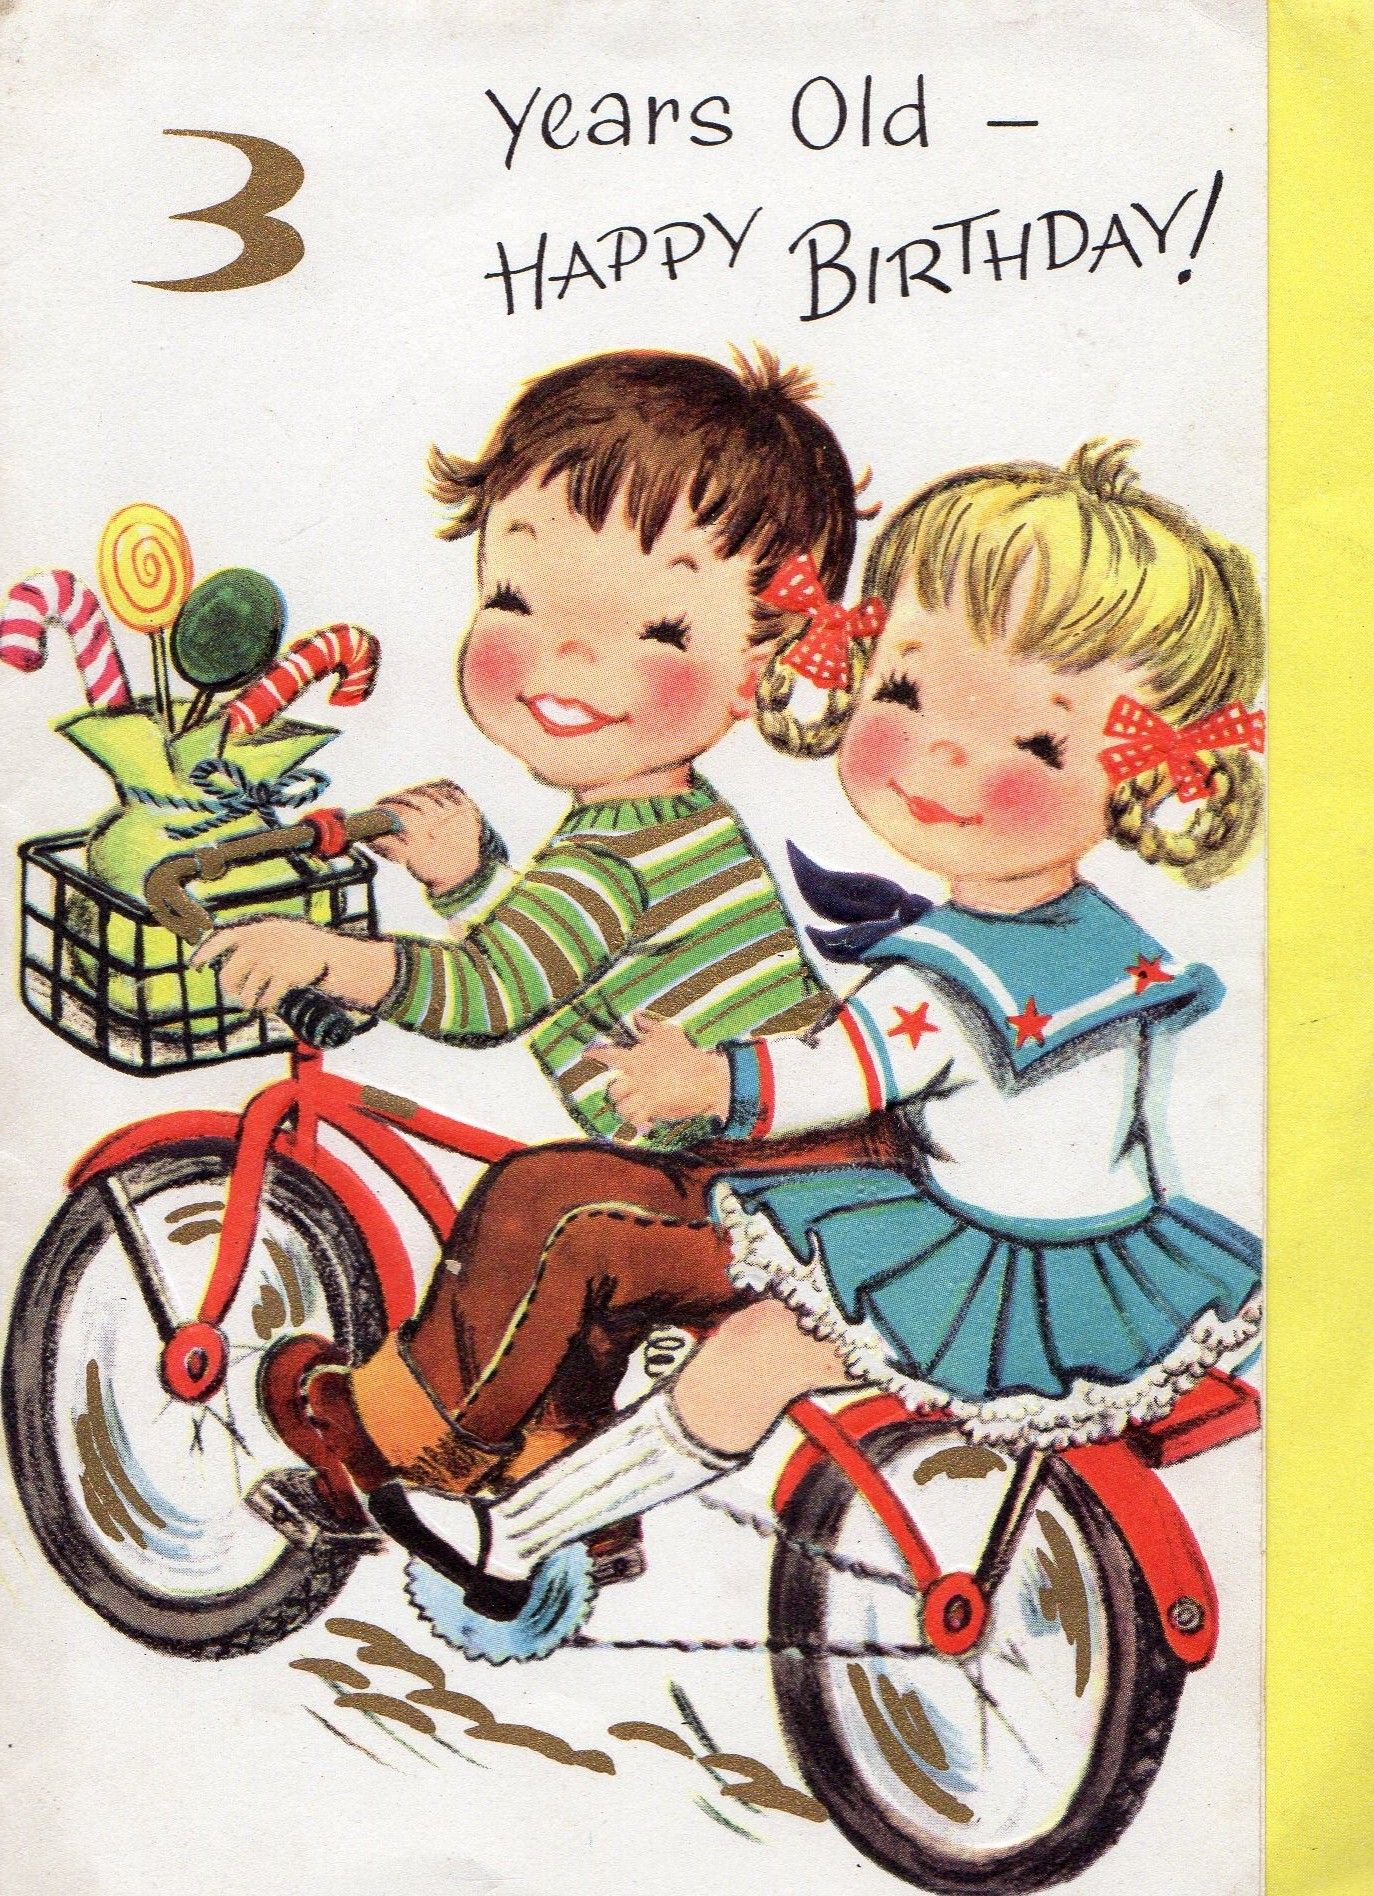 Vintage 3 Year Old Birthday Card Vintage Birthday Cards Vintage Holiday Cards Old Birthday Cards